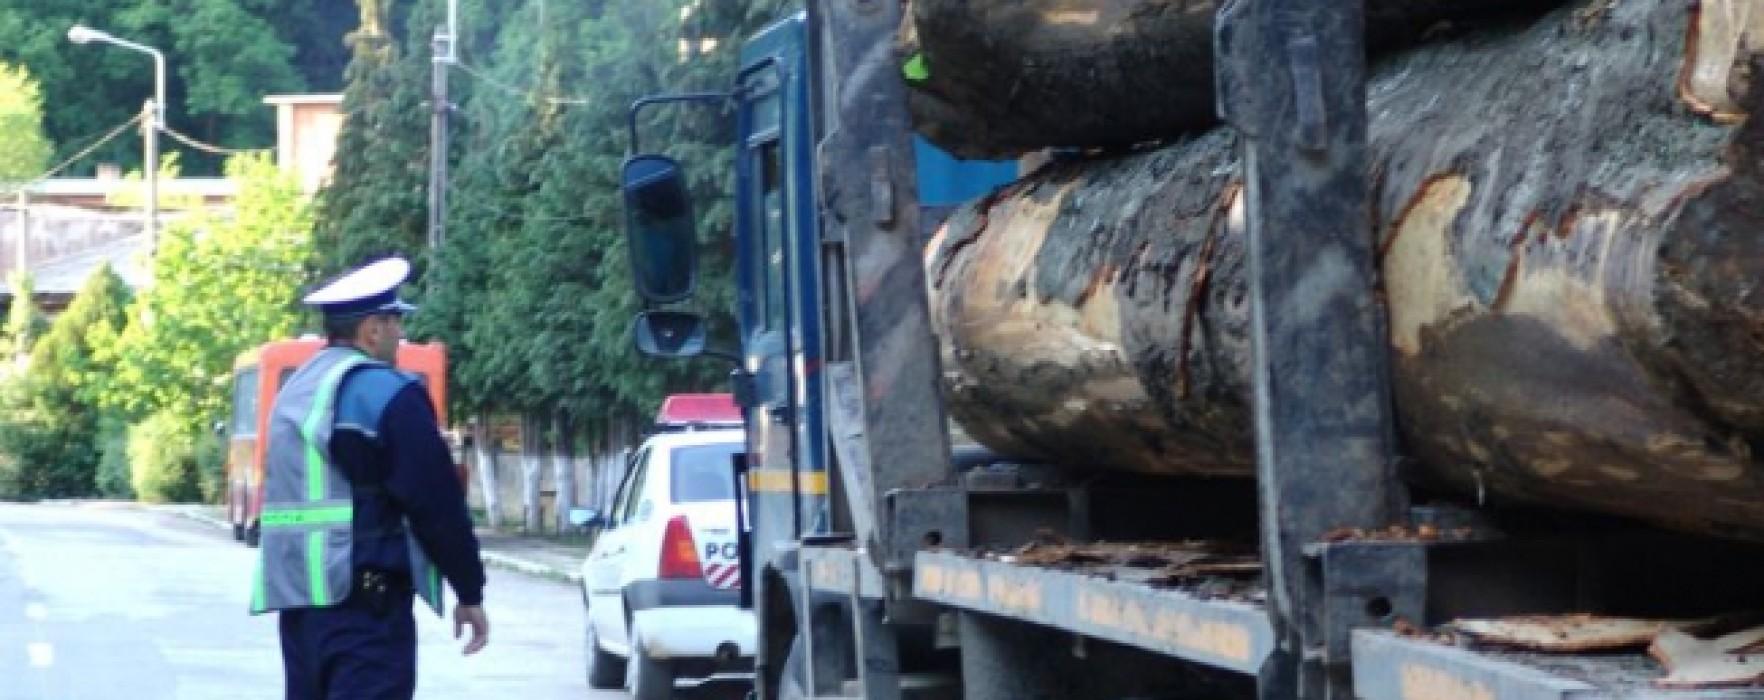 Peste 400 de controale, desfăşurate de poliţişti dâmboviţeni în domeniul silvic